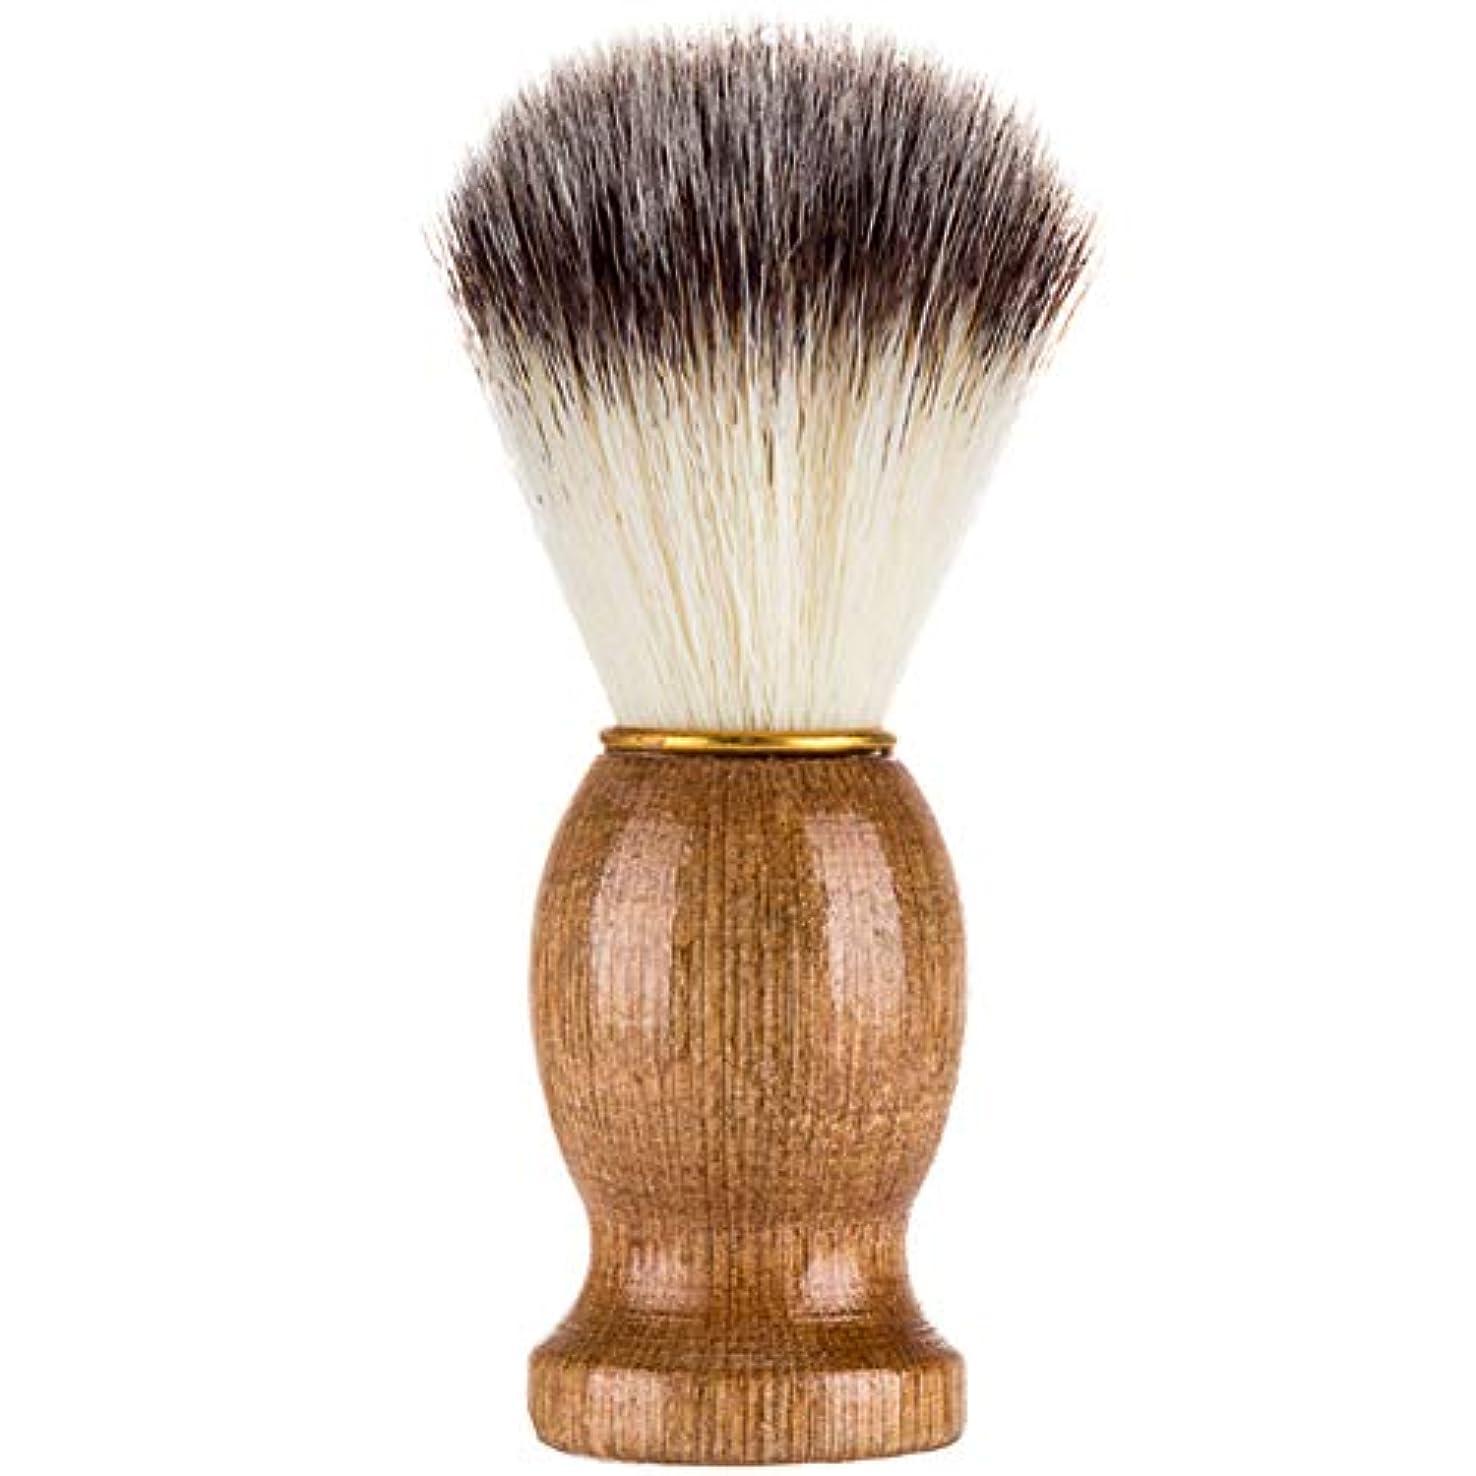 以前は友情ディスコTenflyer シェービングブラシ、シェービングブラシ、男性シェービングブラシシェービングかみそりブラシサロン理髪店用ツールひげ剃り用品